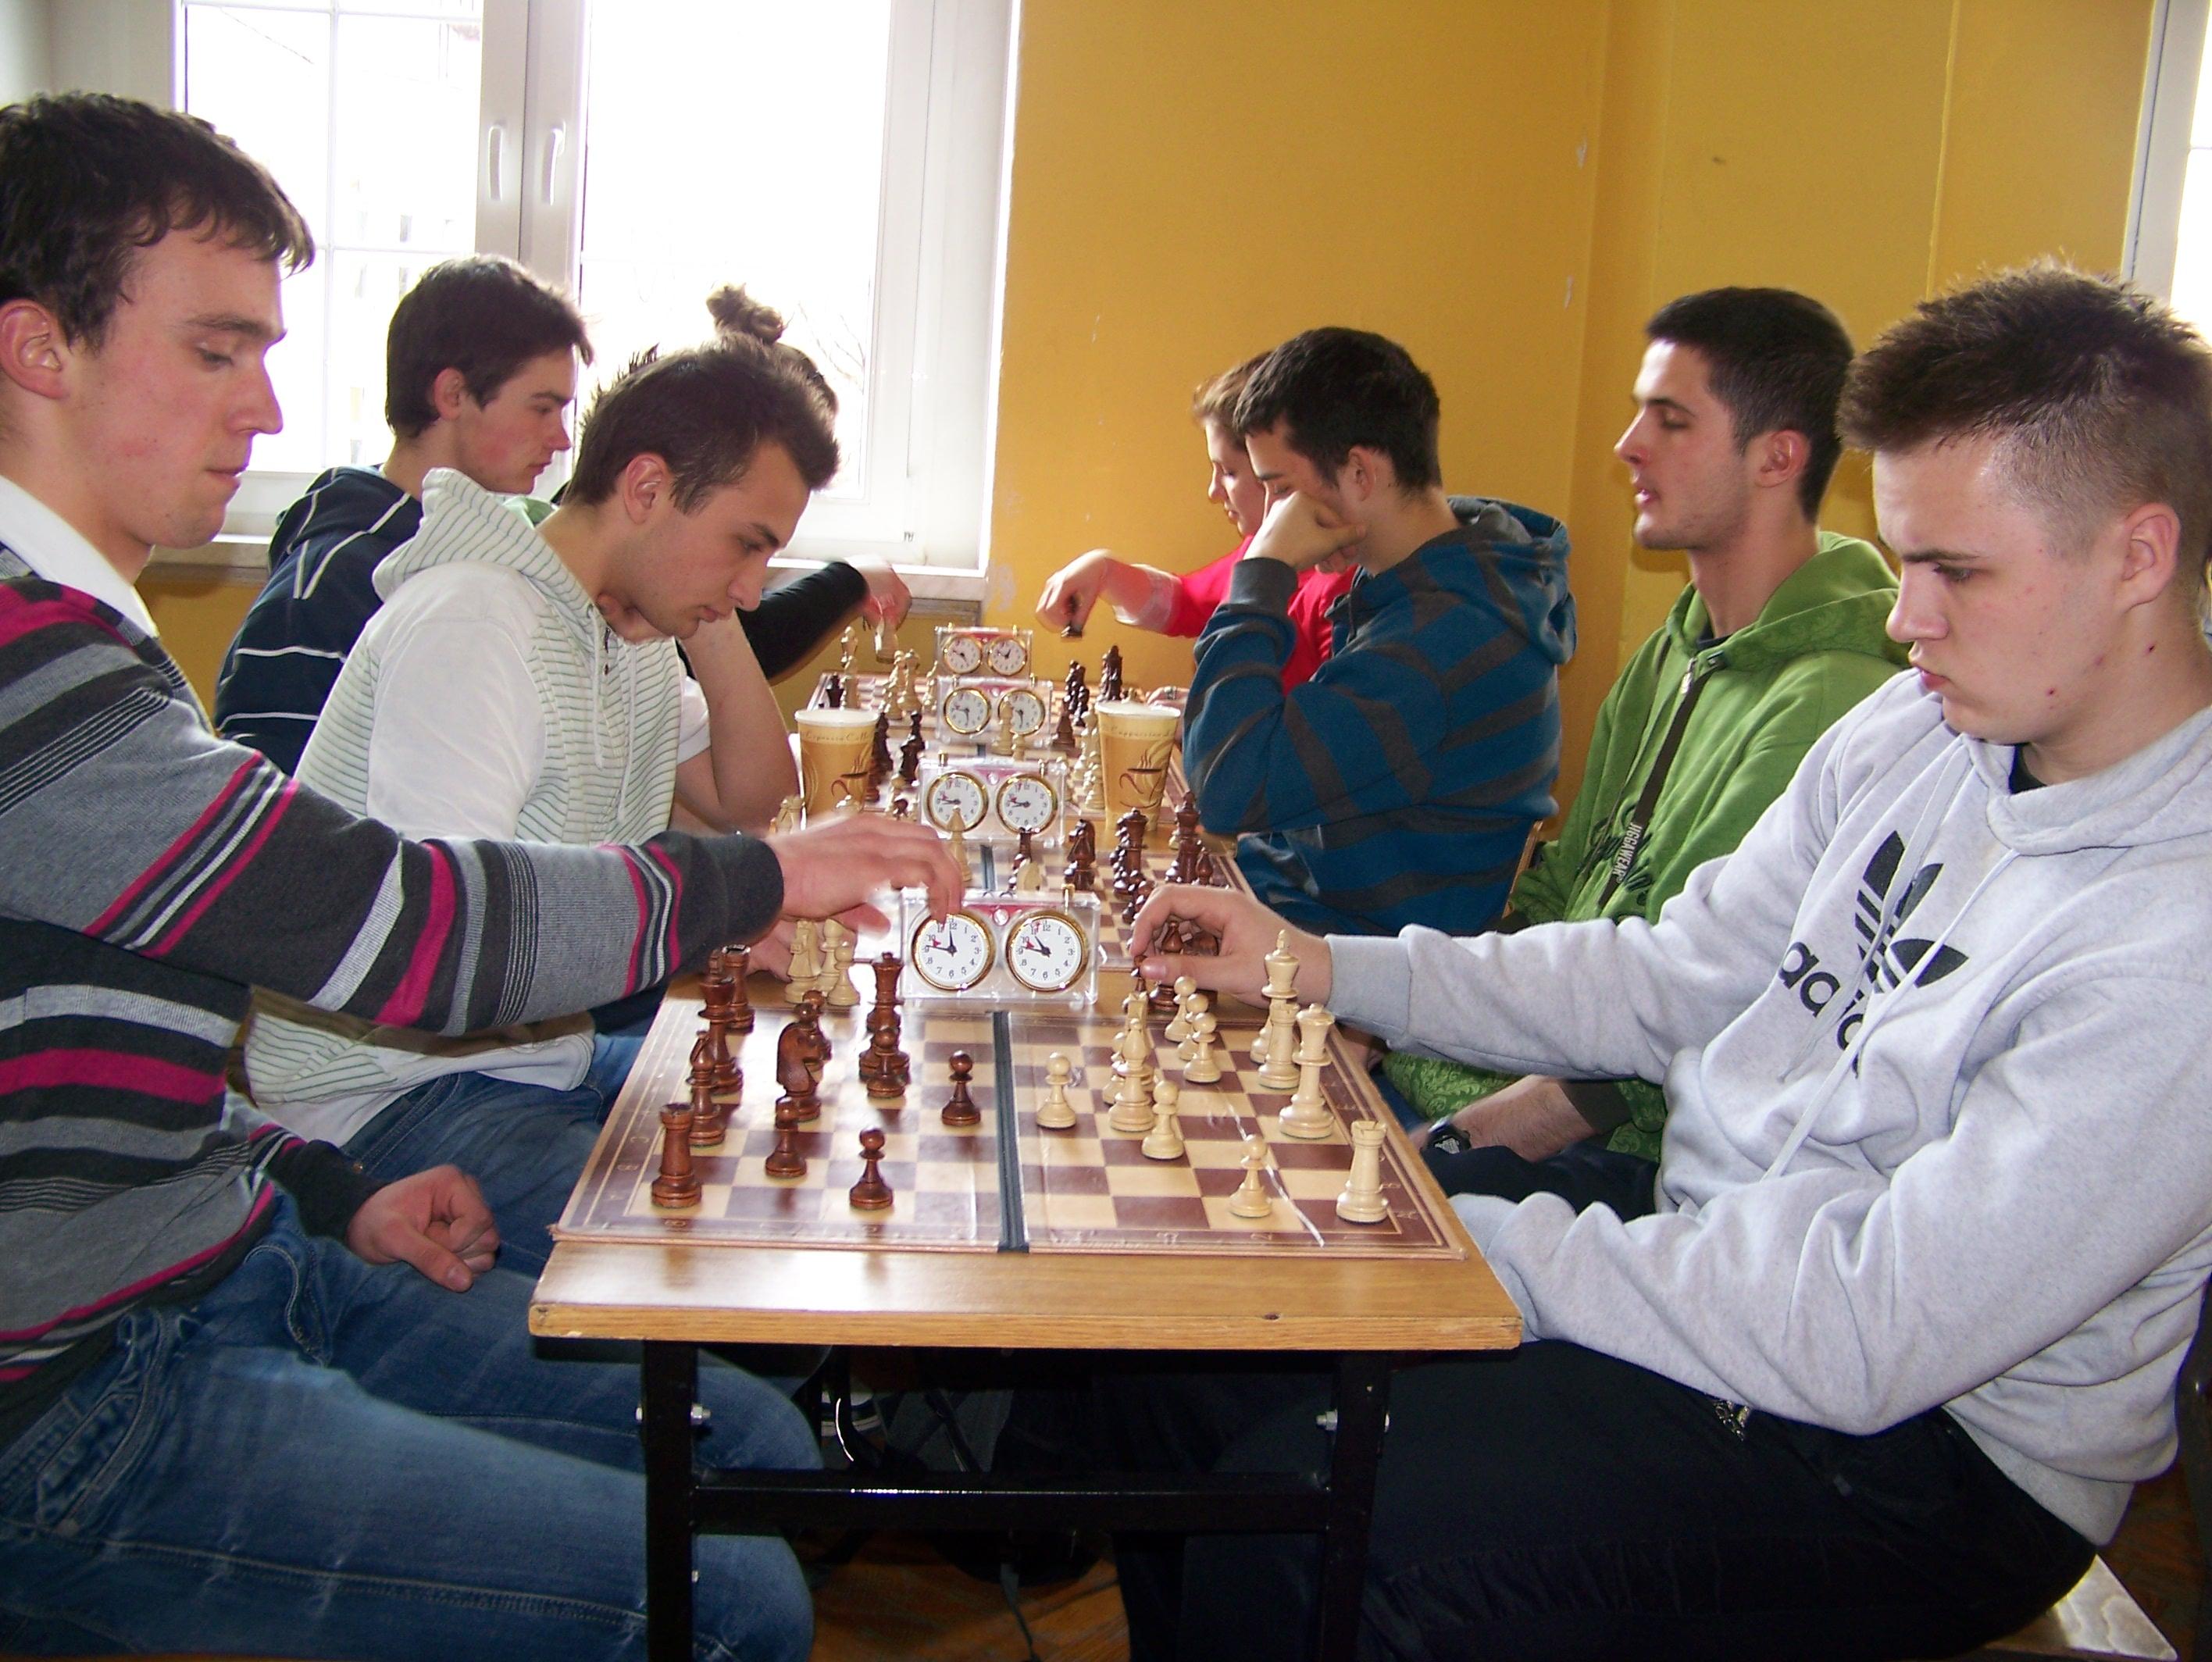 Licealiada – strefa wałbrzyska, Świdnica, 02.04.2012